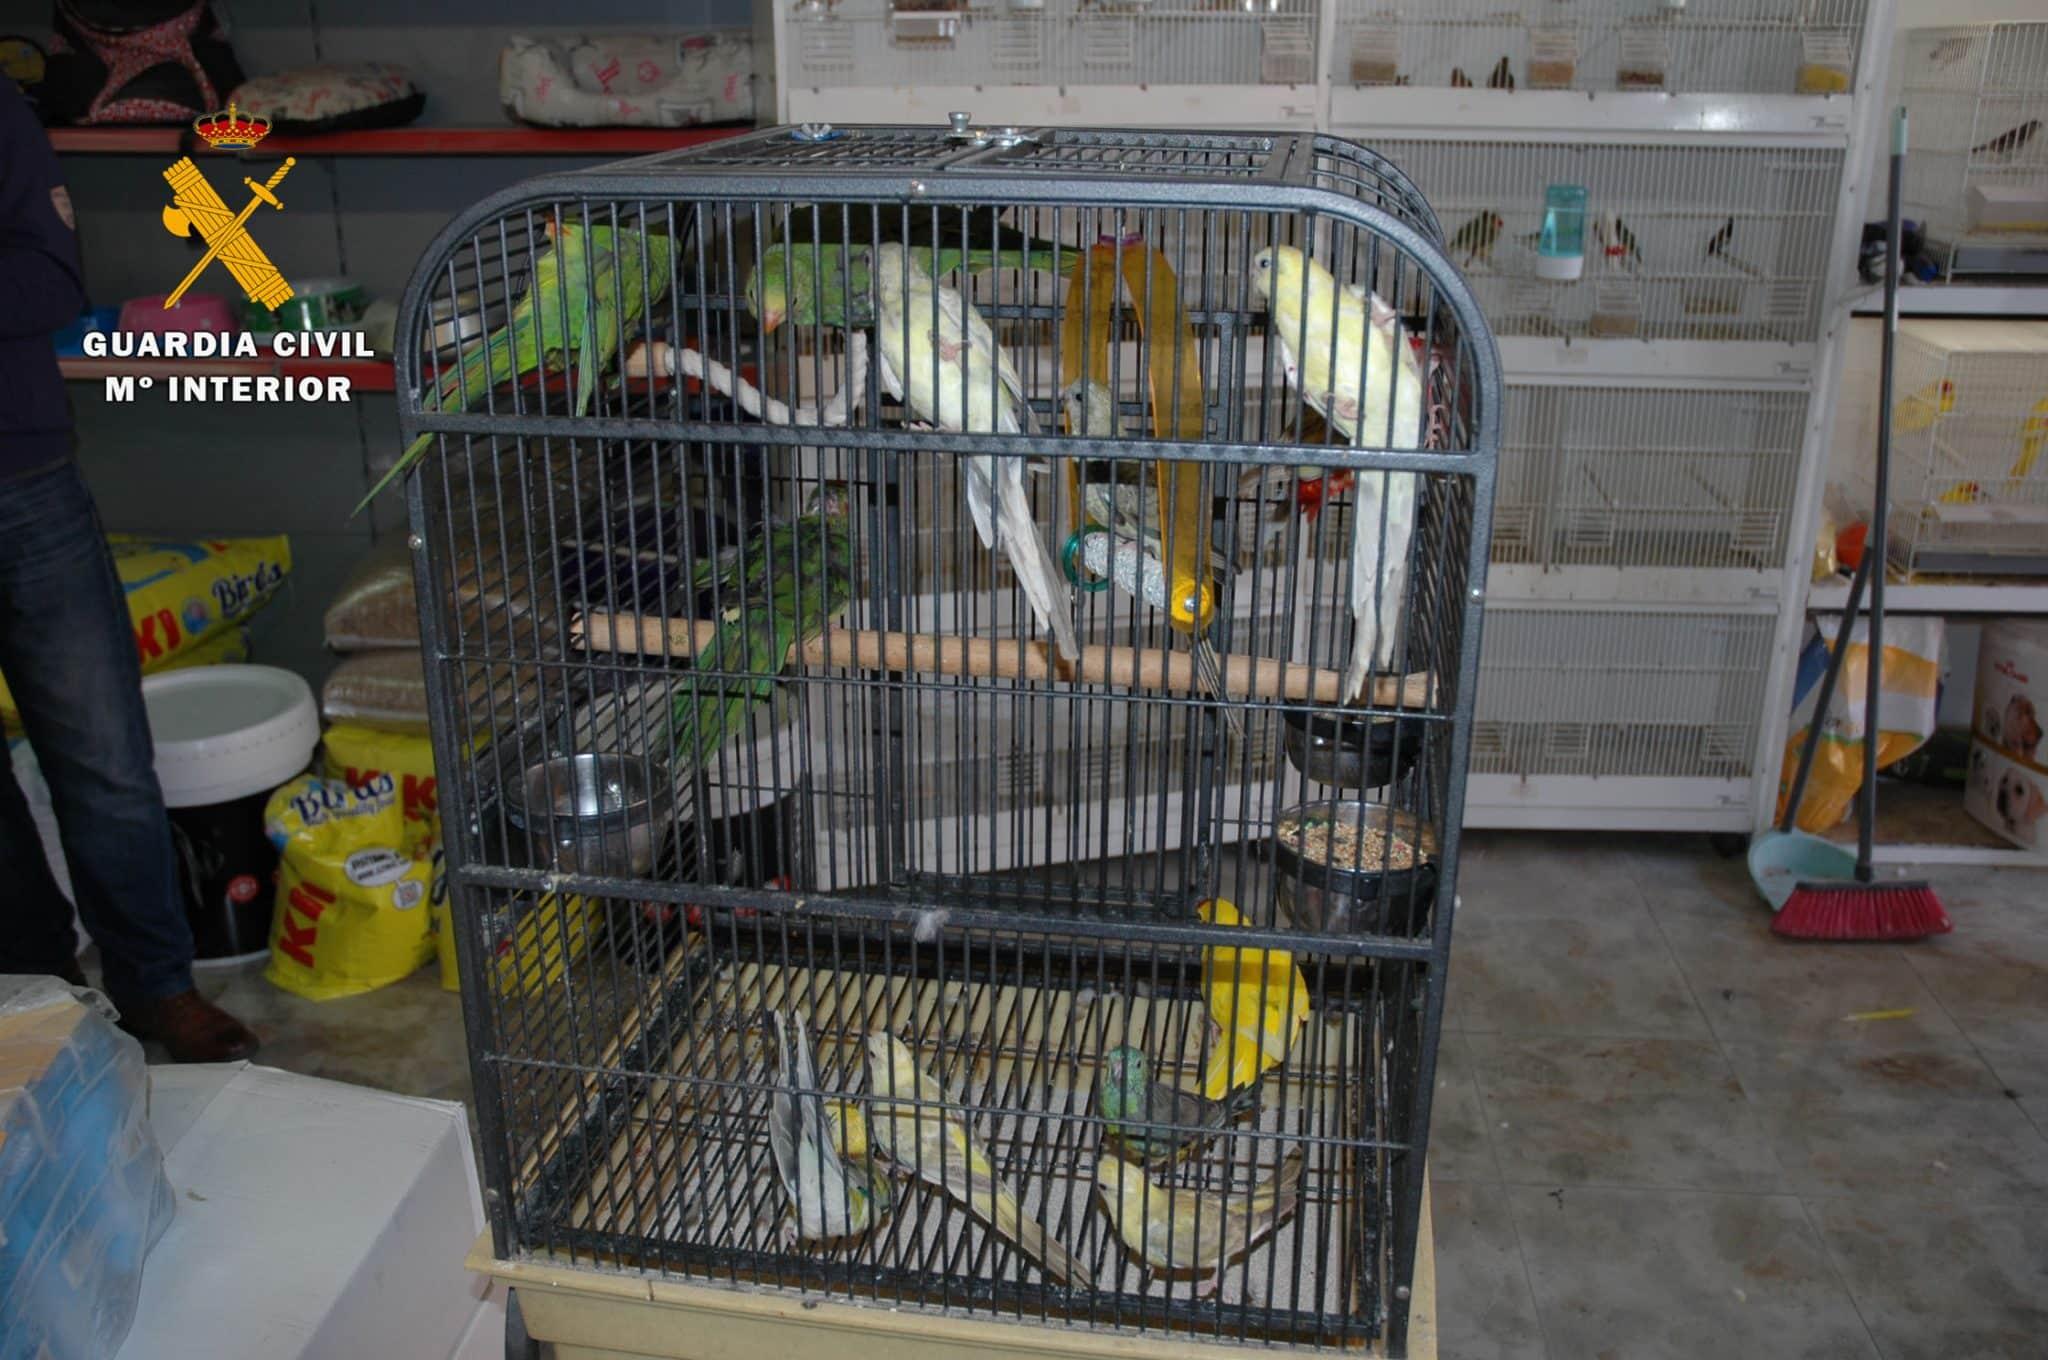 El Seprona interviene 13 aves exóticas en un establecimiento de Logroño 1